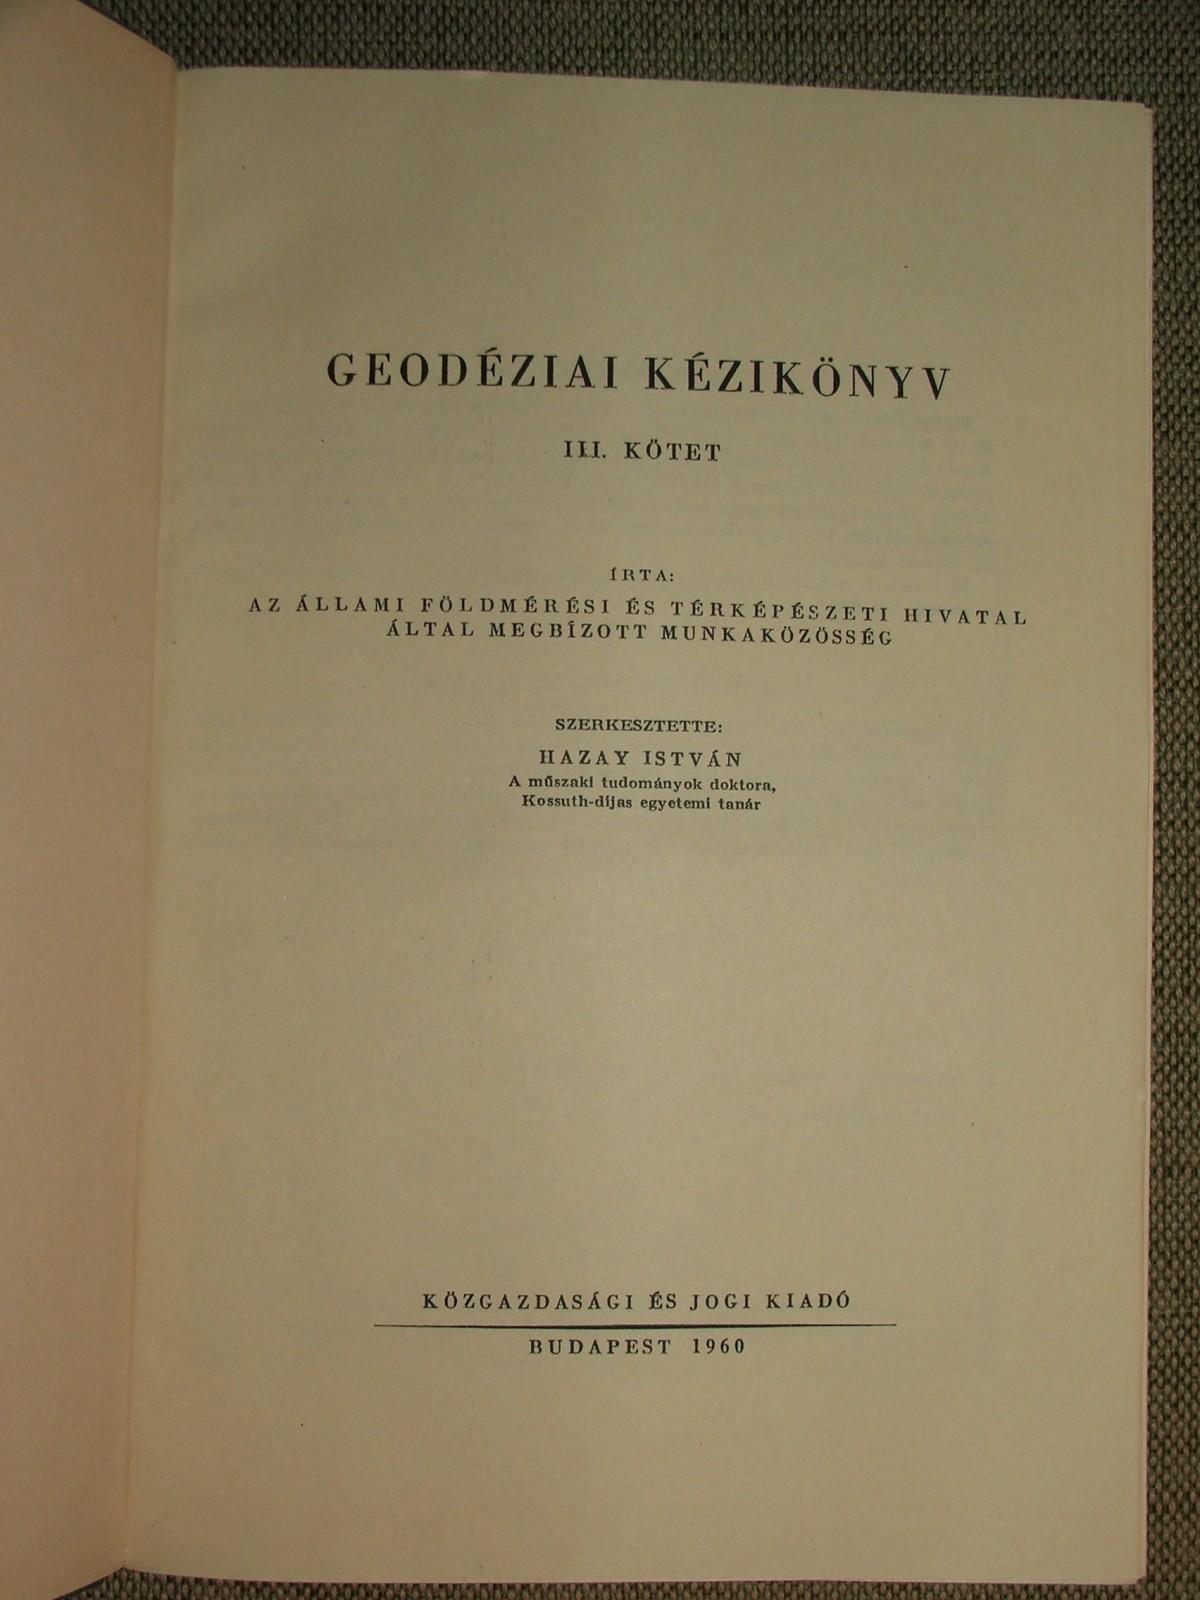 HAZAY István szerk.: Geodéziai kézikönyv III. kötet